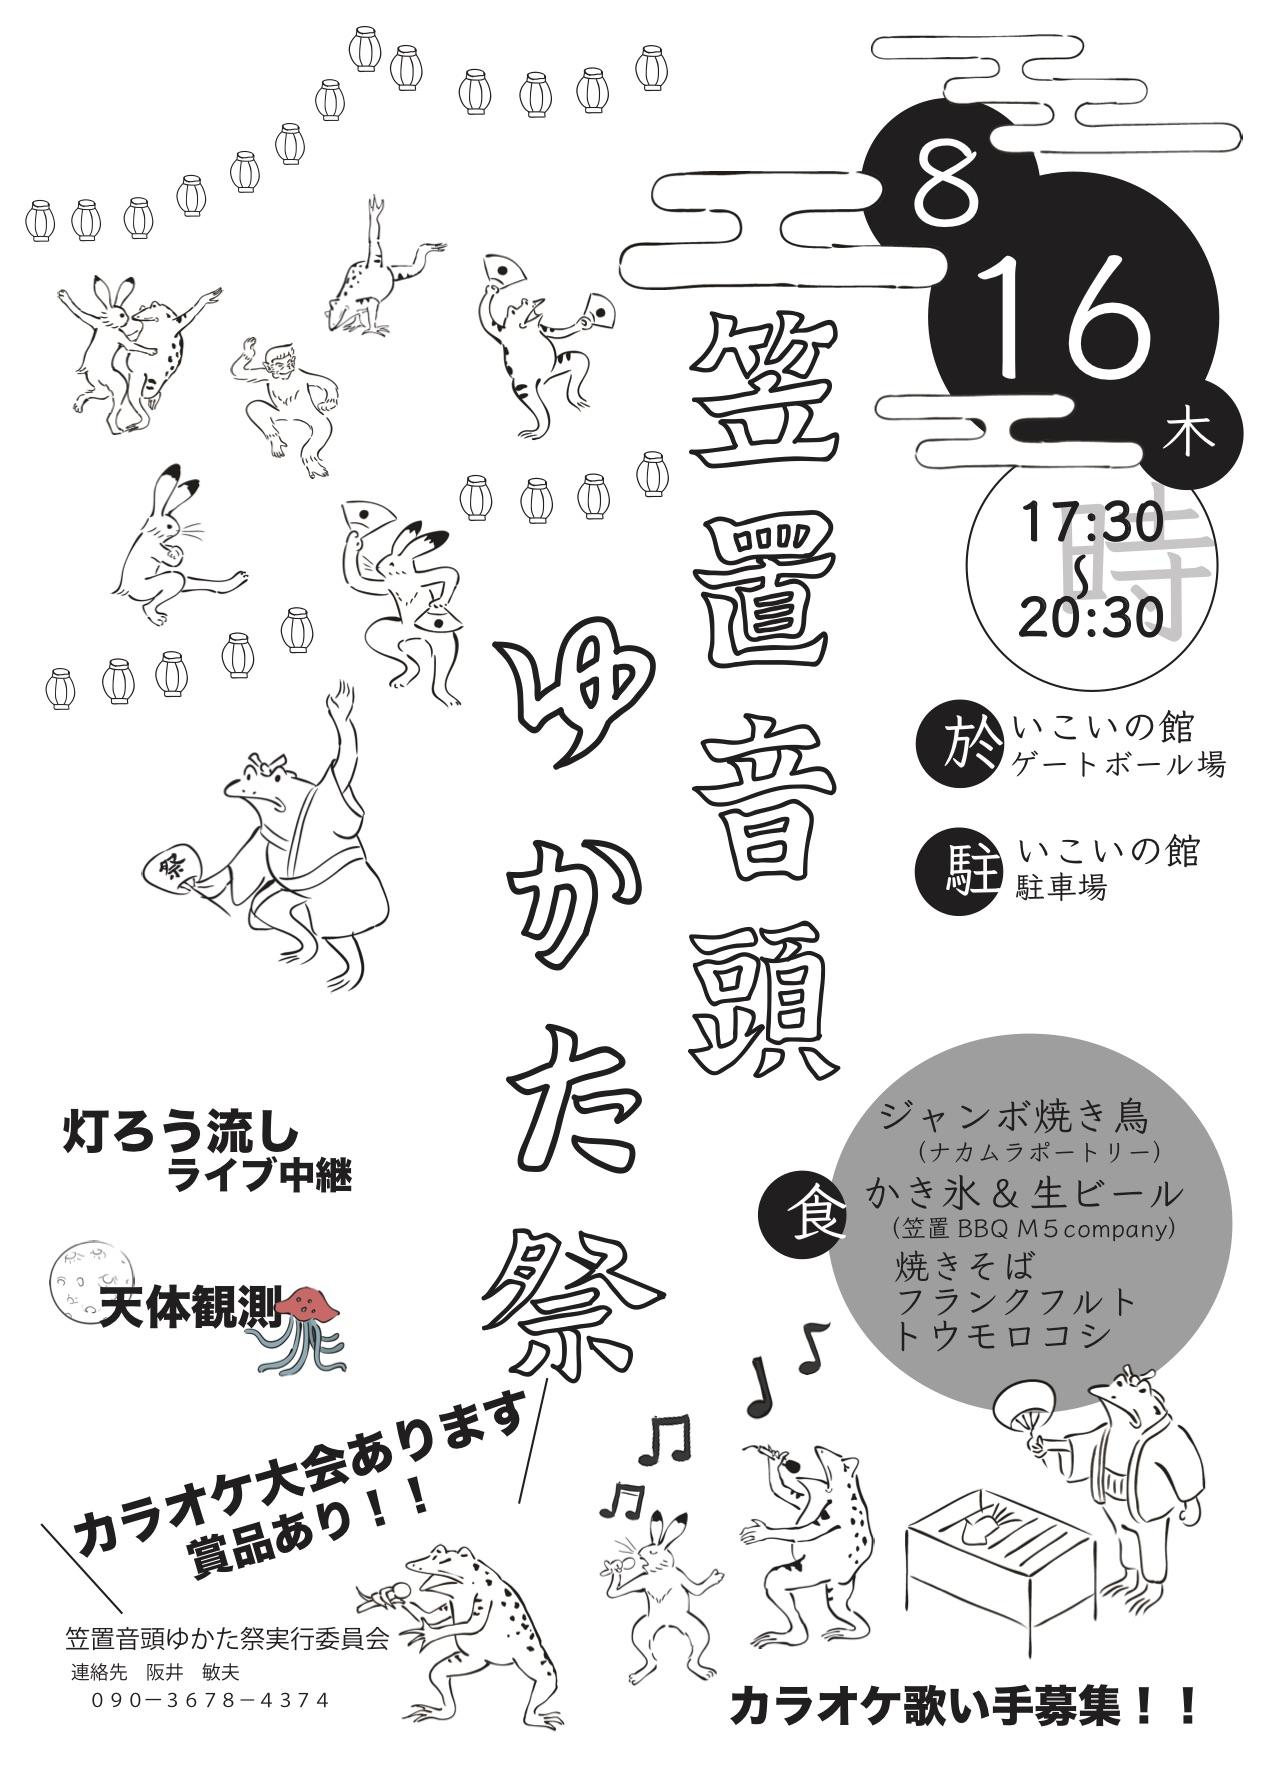 【8月16日16時から】笠置音頭ゆかた祭りの着付けをします!!